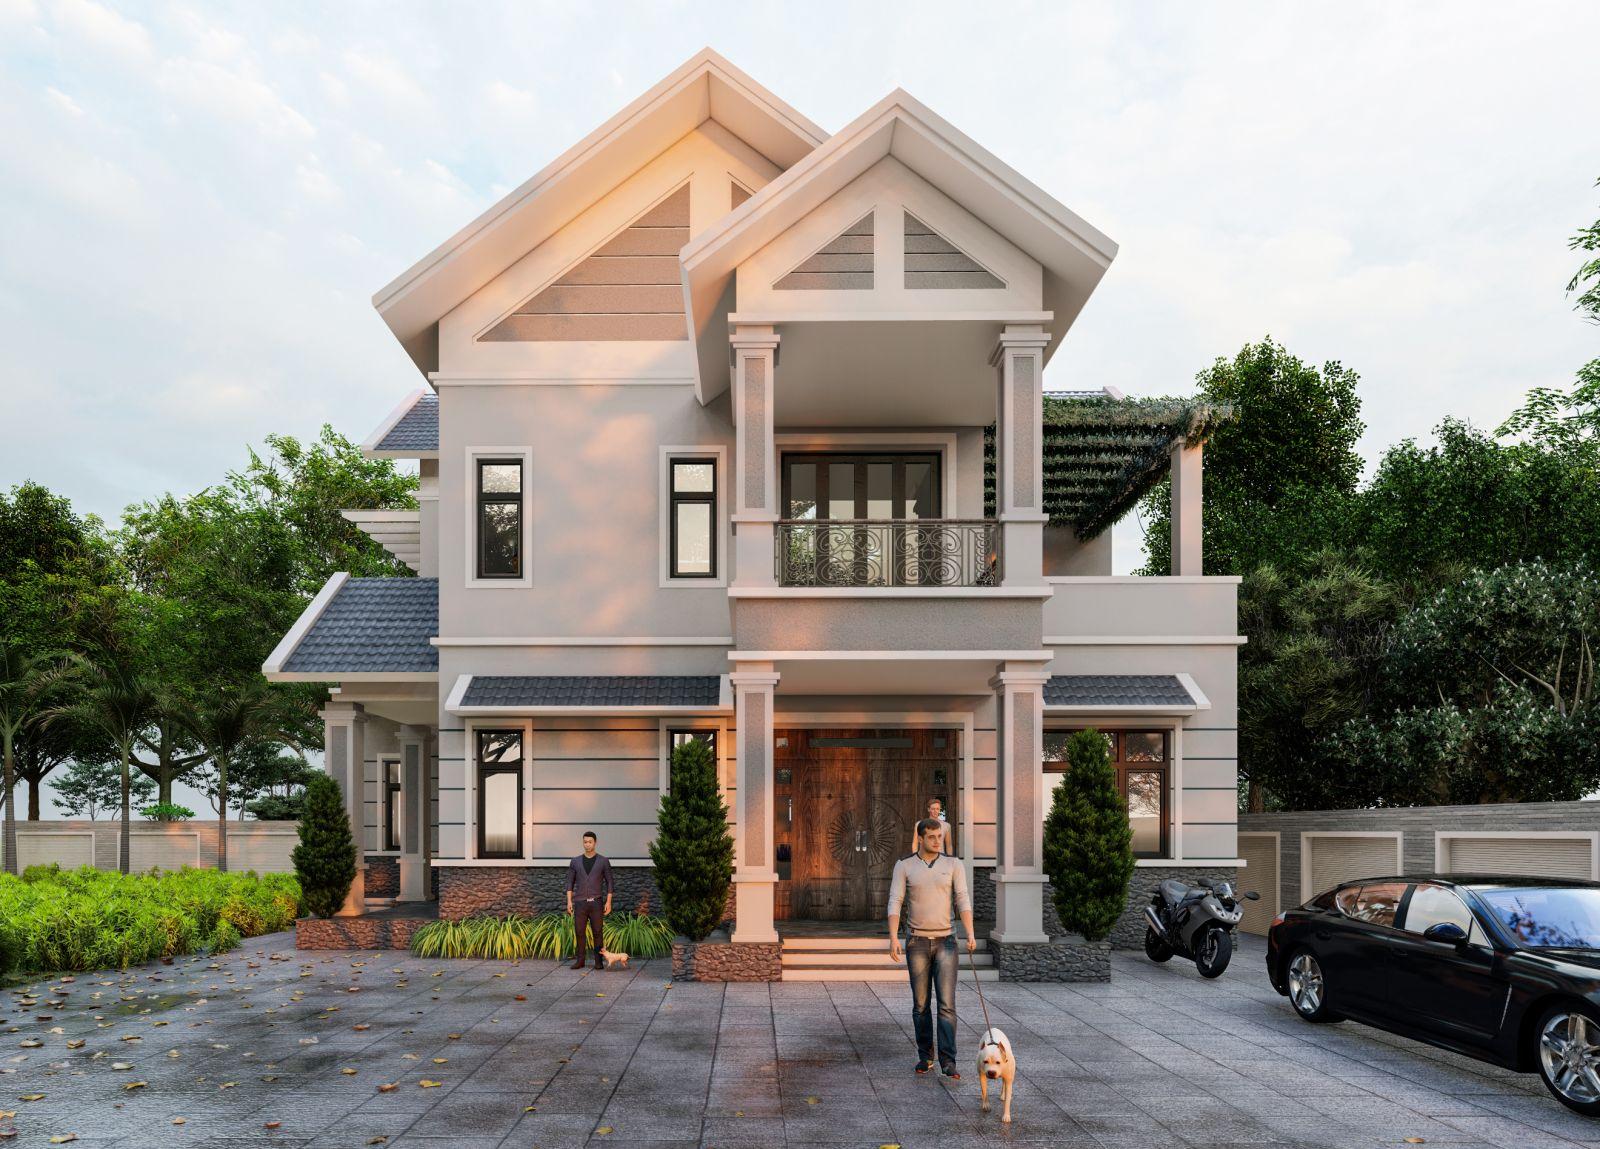 Thiết kế biệt thự 2 tầng mái thái tại Kim Sơn, Ninh Bình